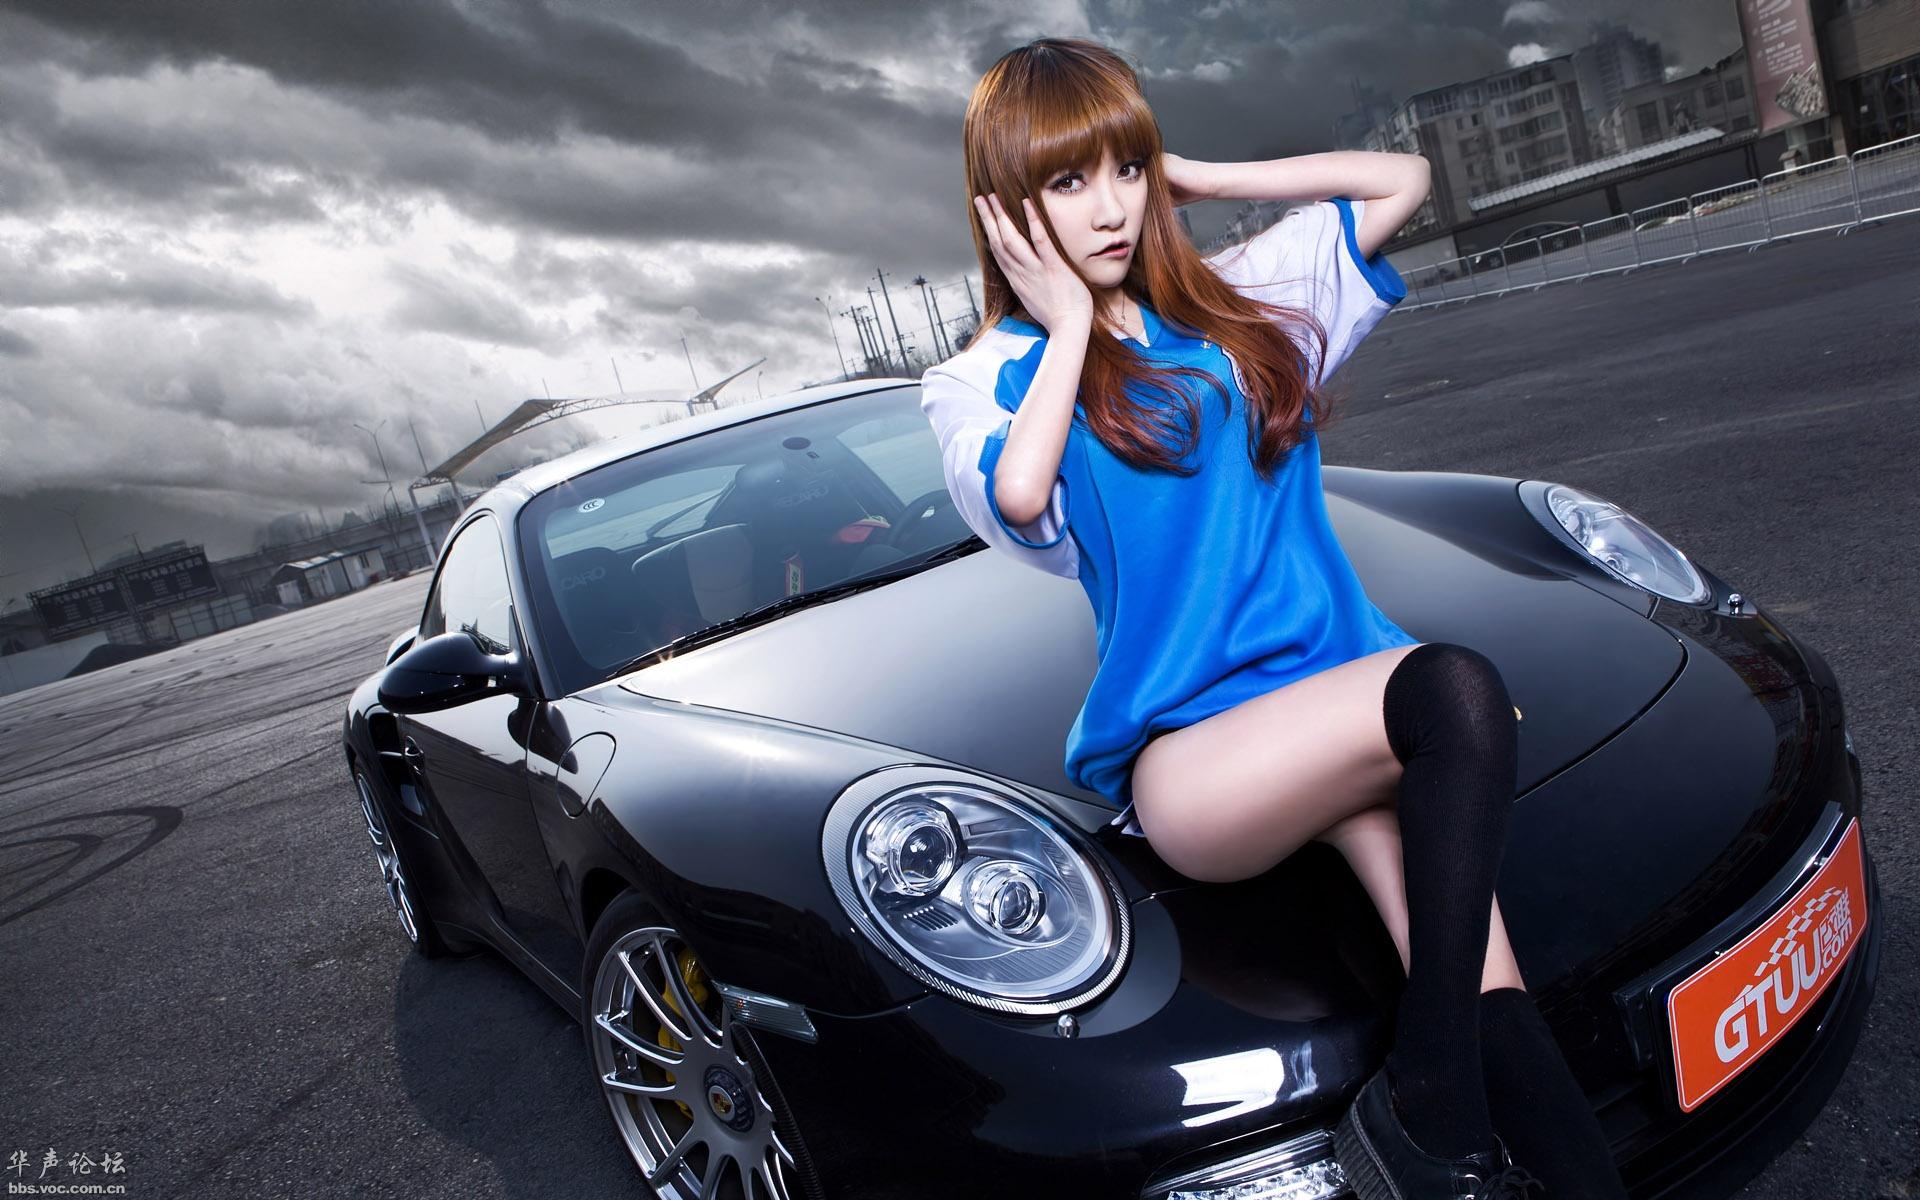 保时捷911turbo s 改装车美女模特宽屏壁纸高清图片